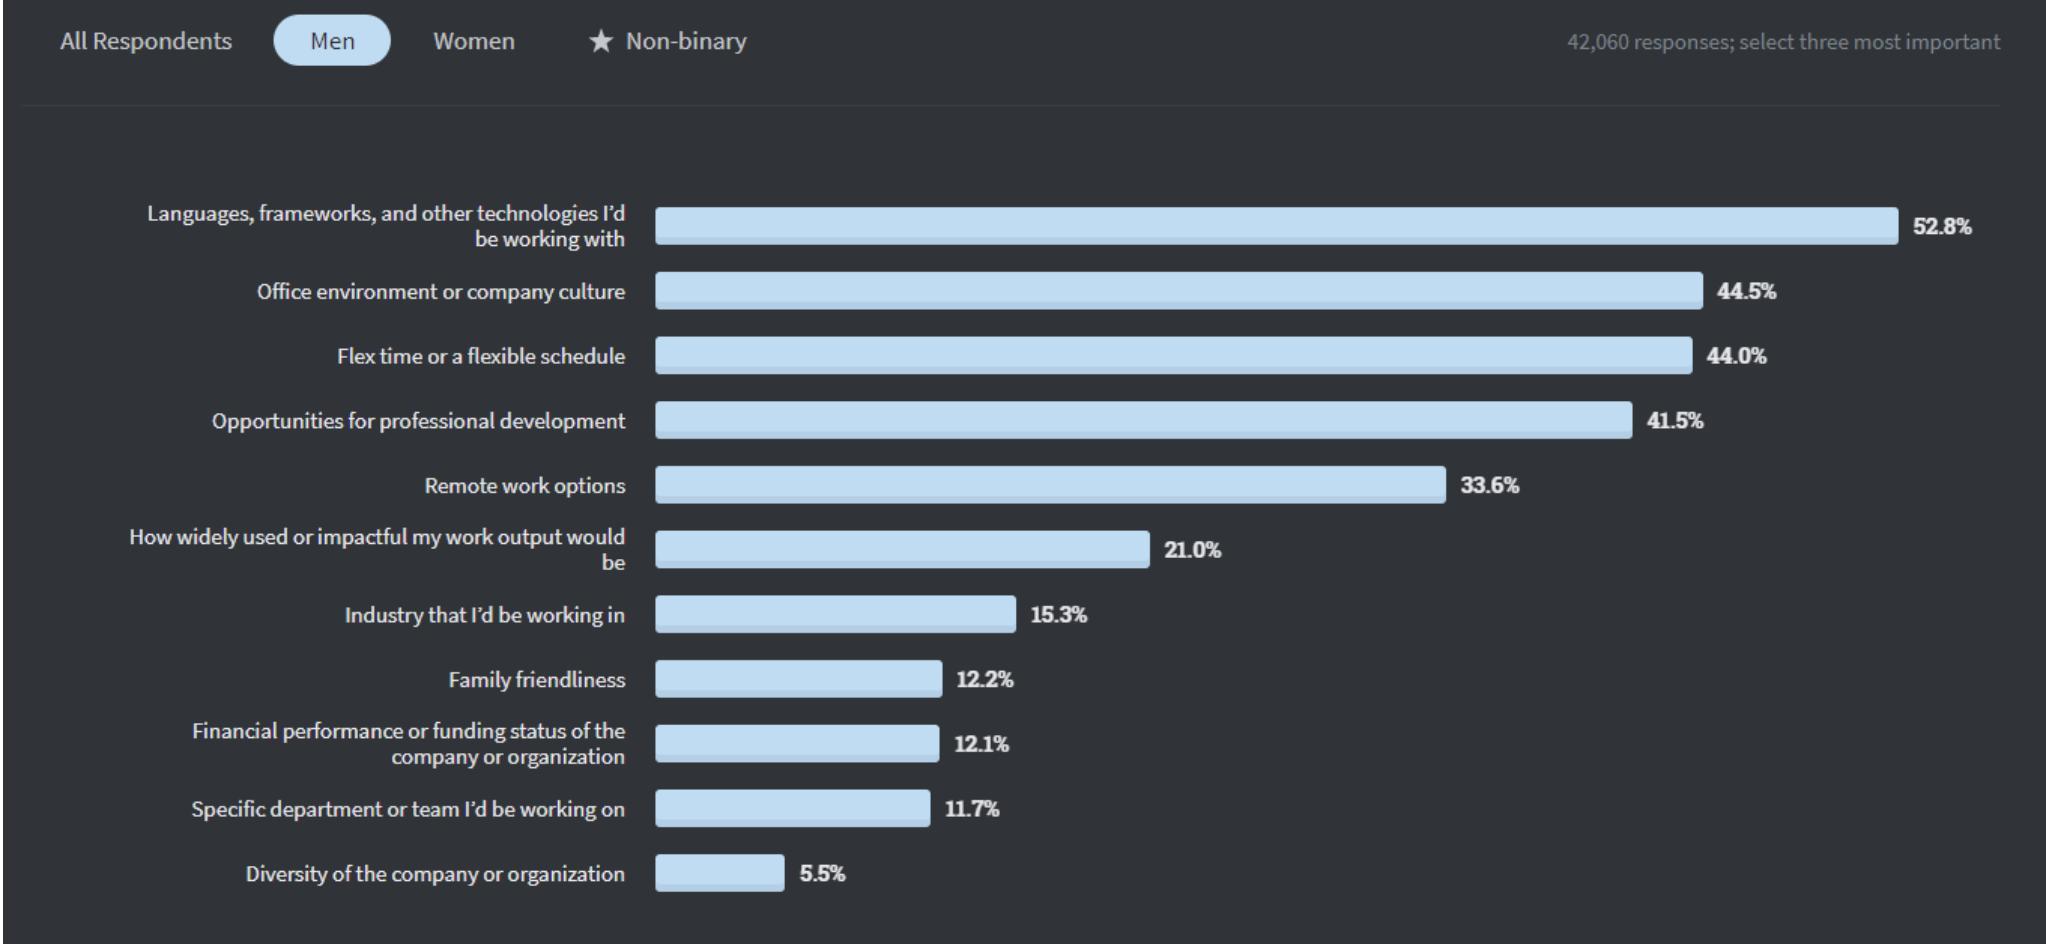 Stack Overflow 2020 Developer Survey - Men's Response